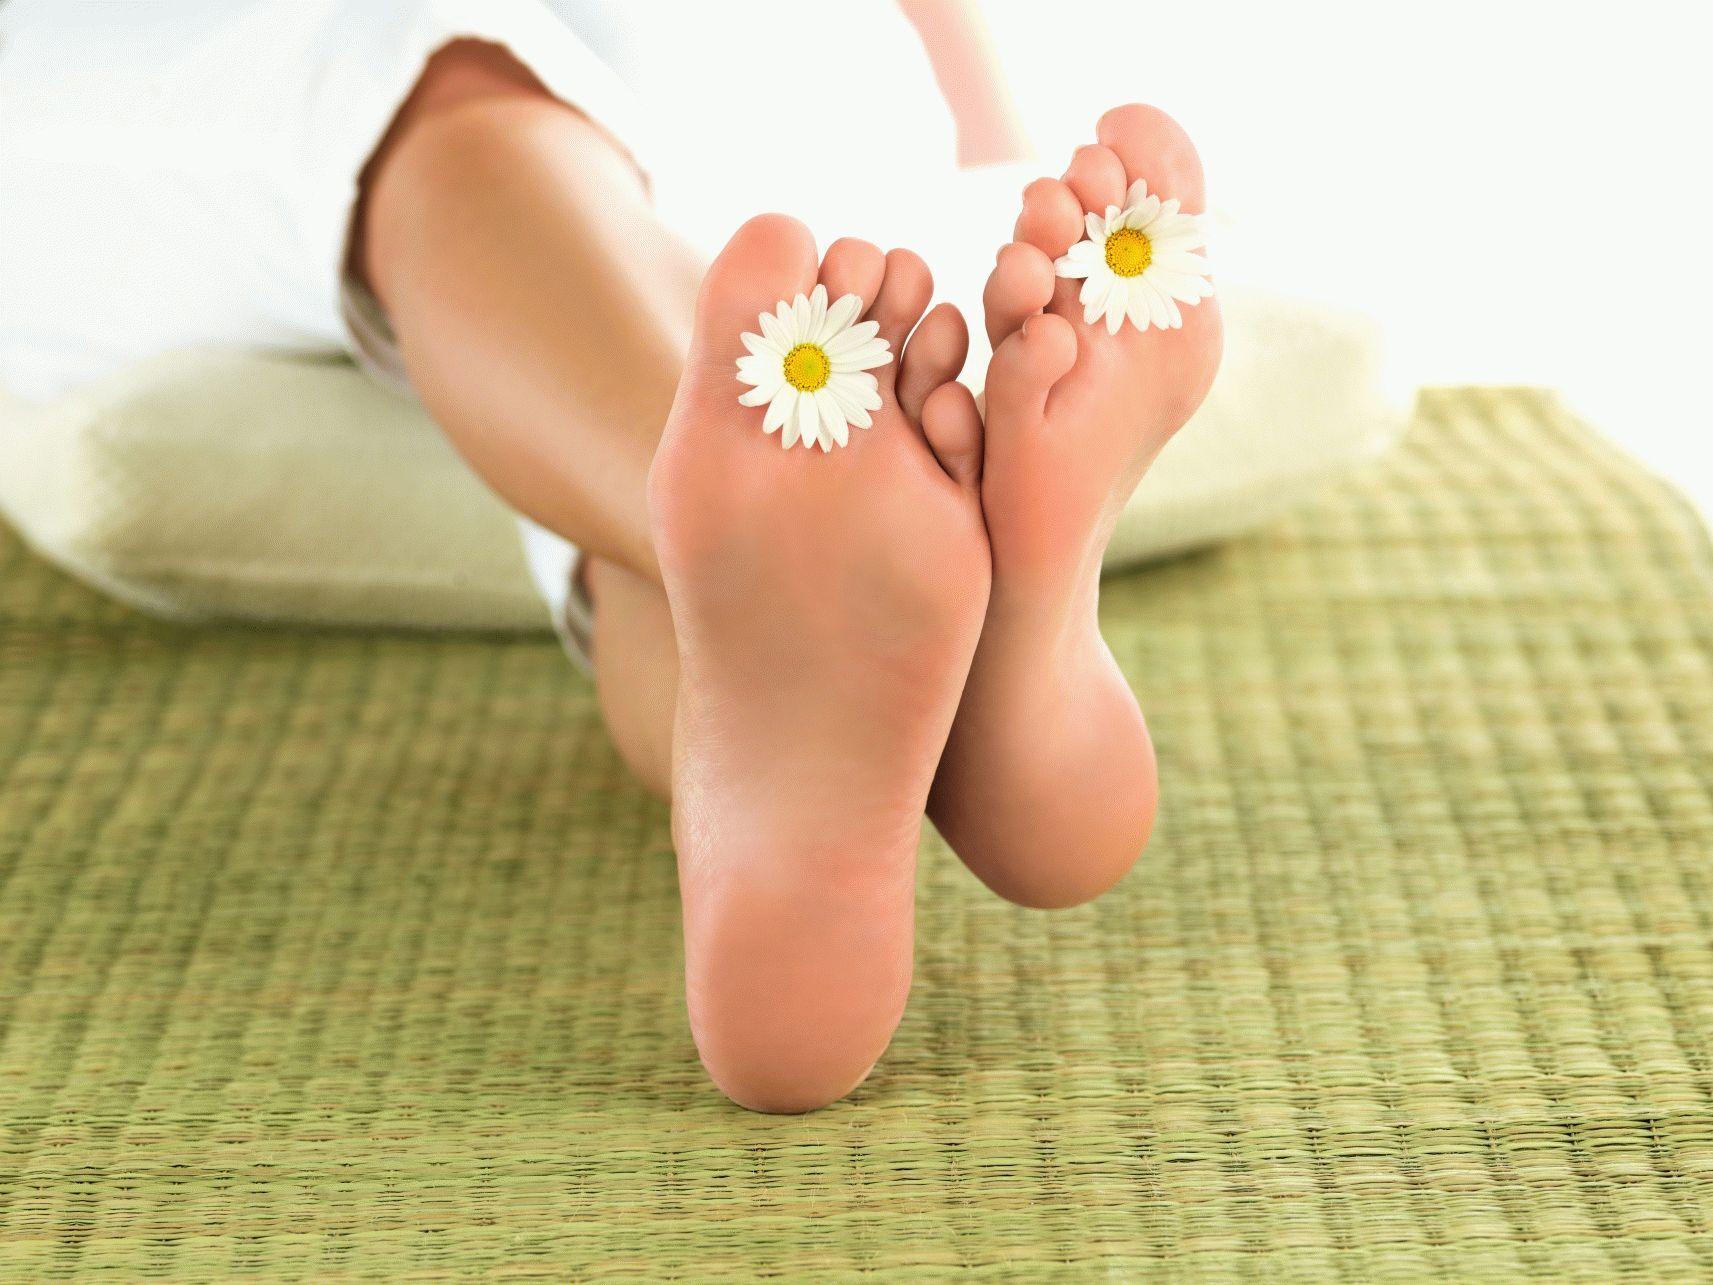 Халюс вальгус (кісточки на ногах). Лікування ударно-хвильовою терапією